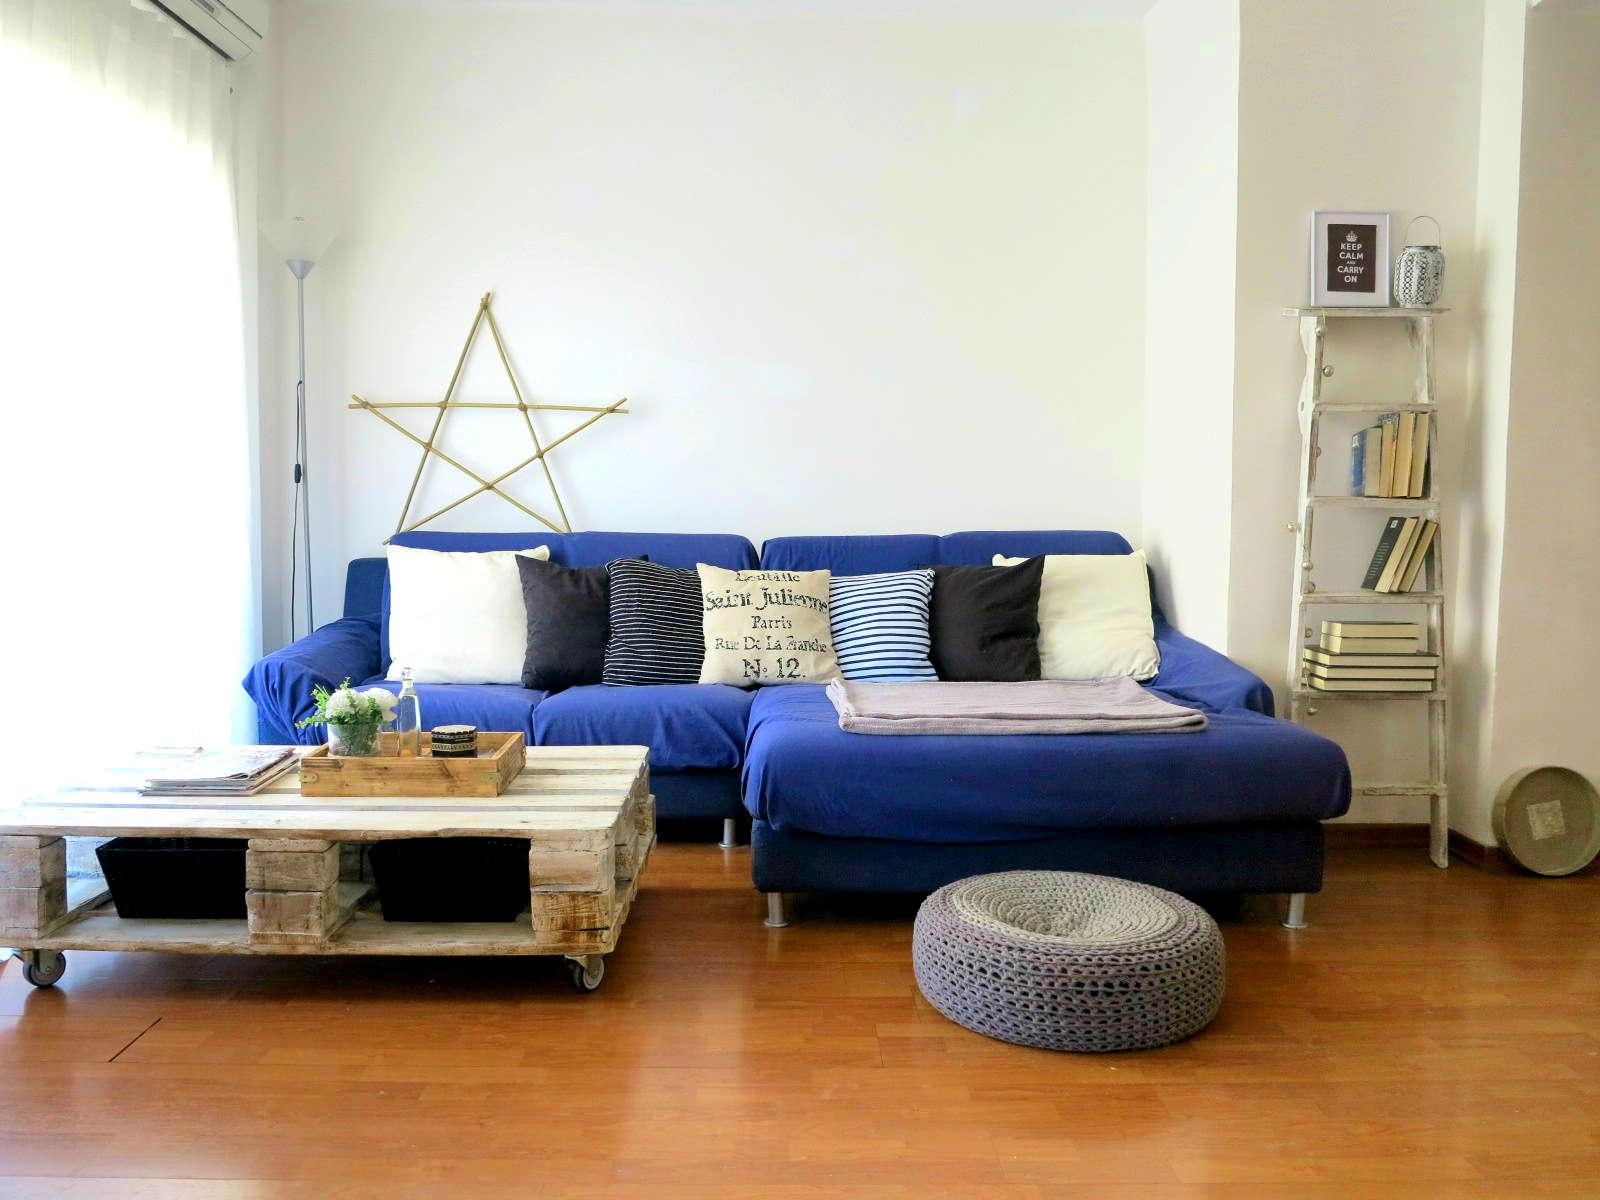 Como decorar mi casa con poco dinero consejos para for Decoracion de casas pequenas con poco dinero